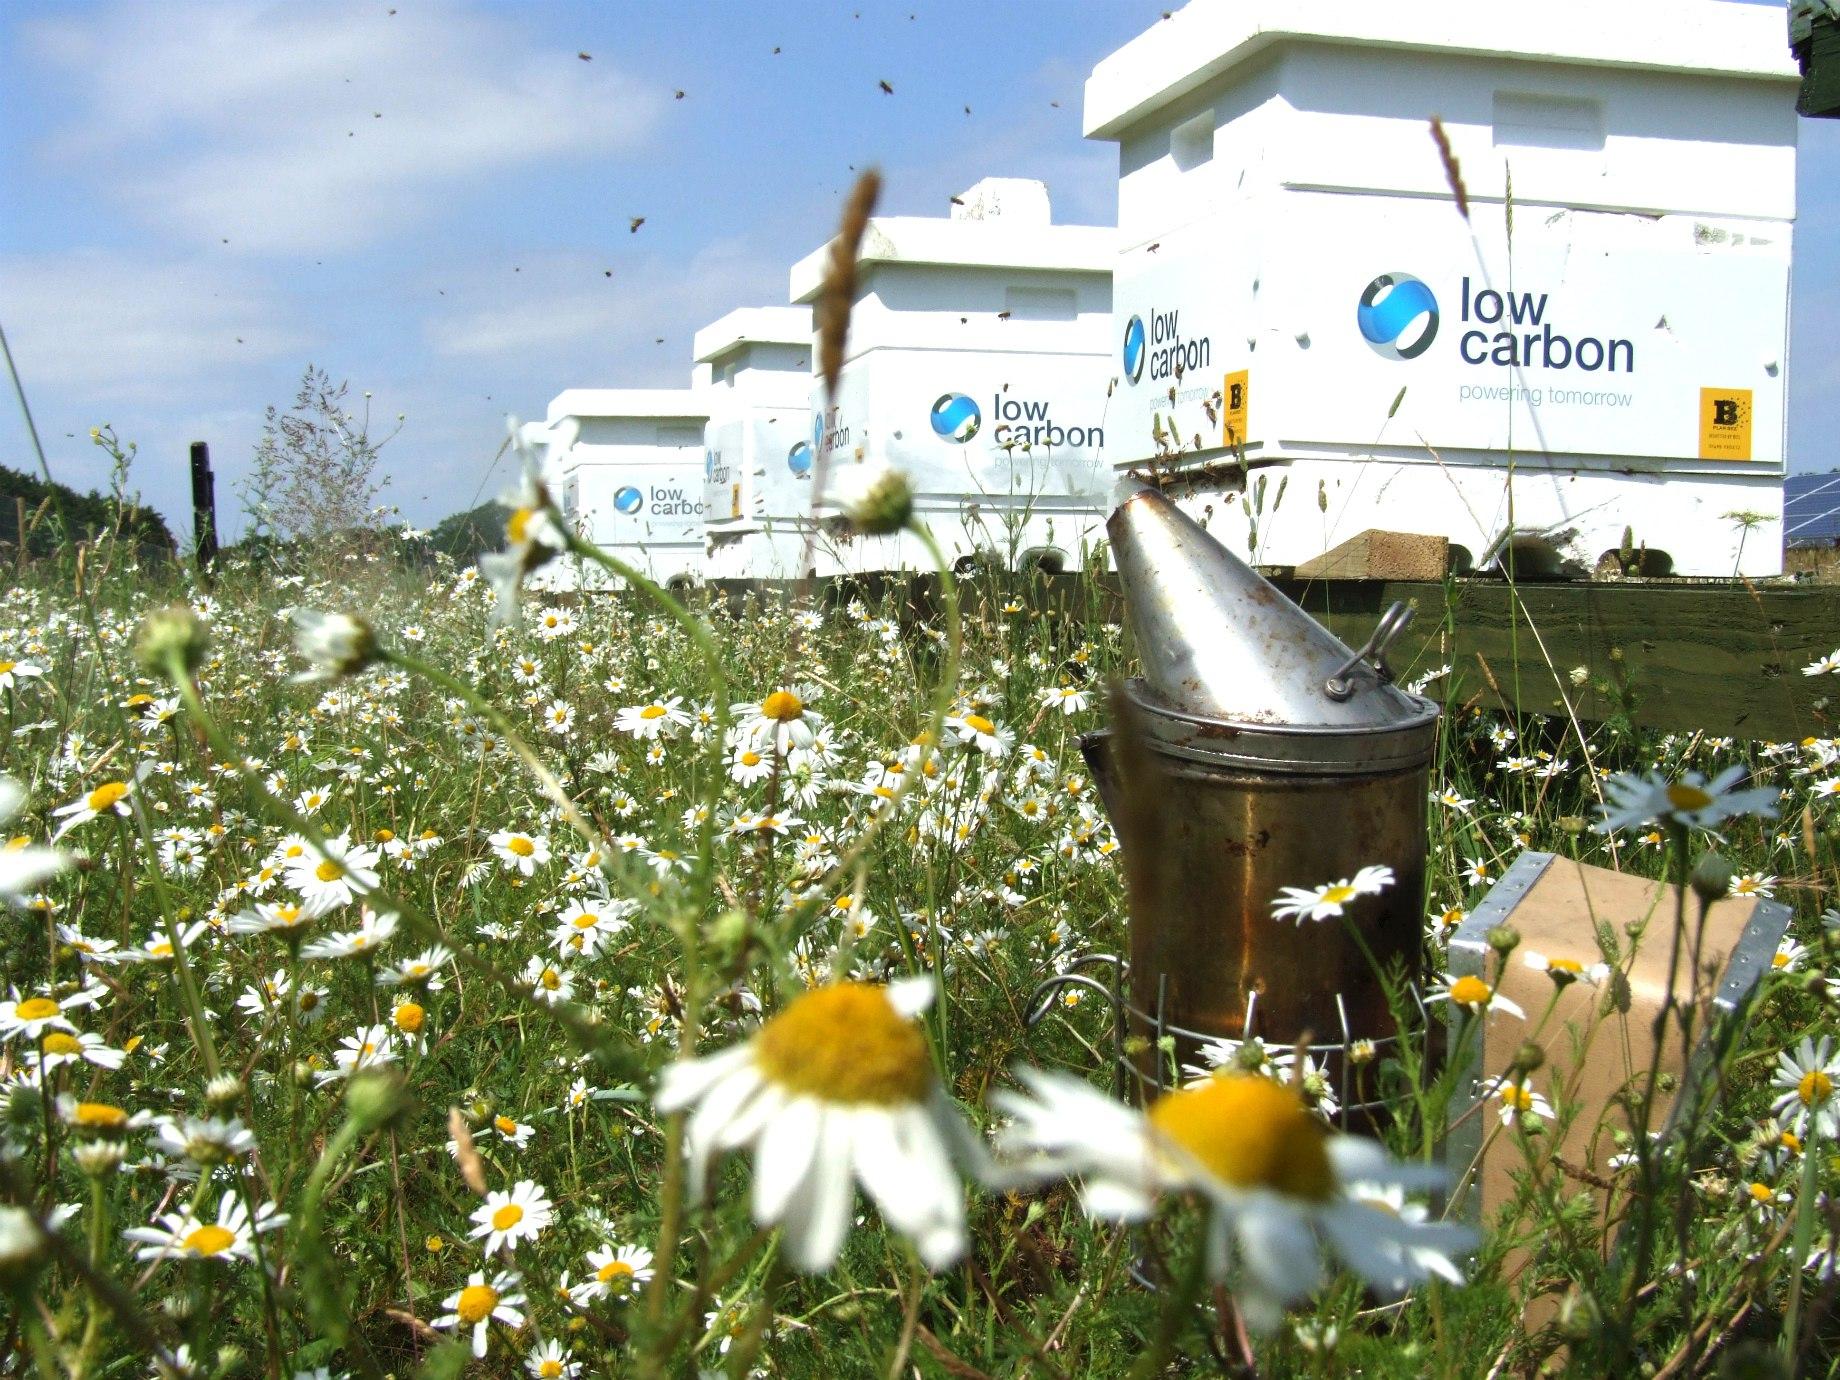 Low-carbon-Hives-2